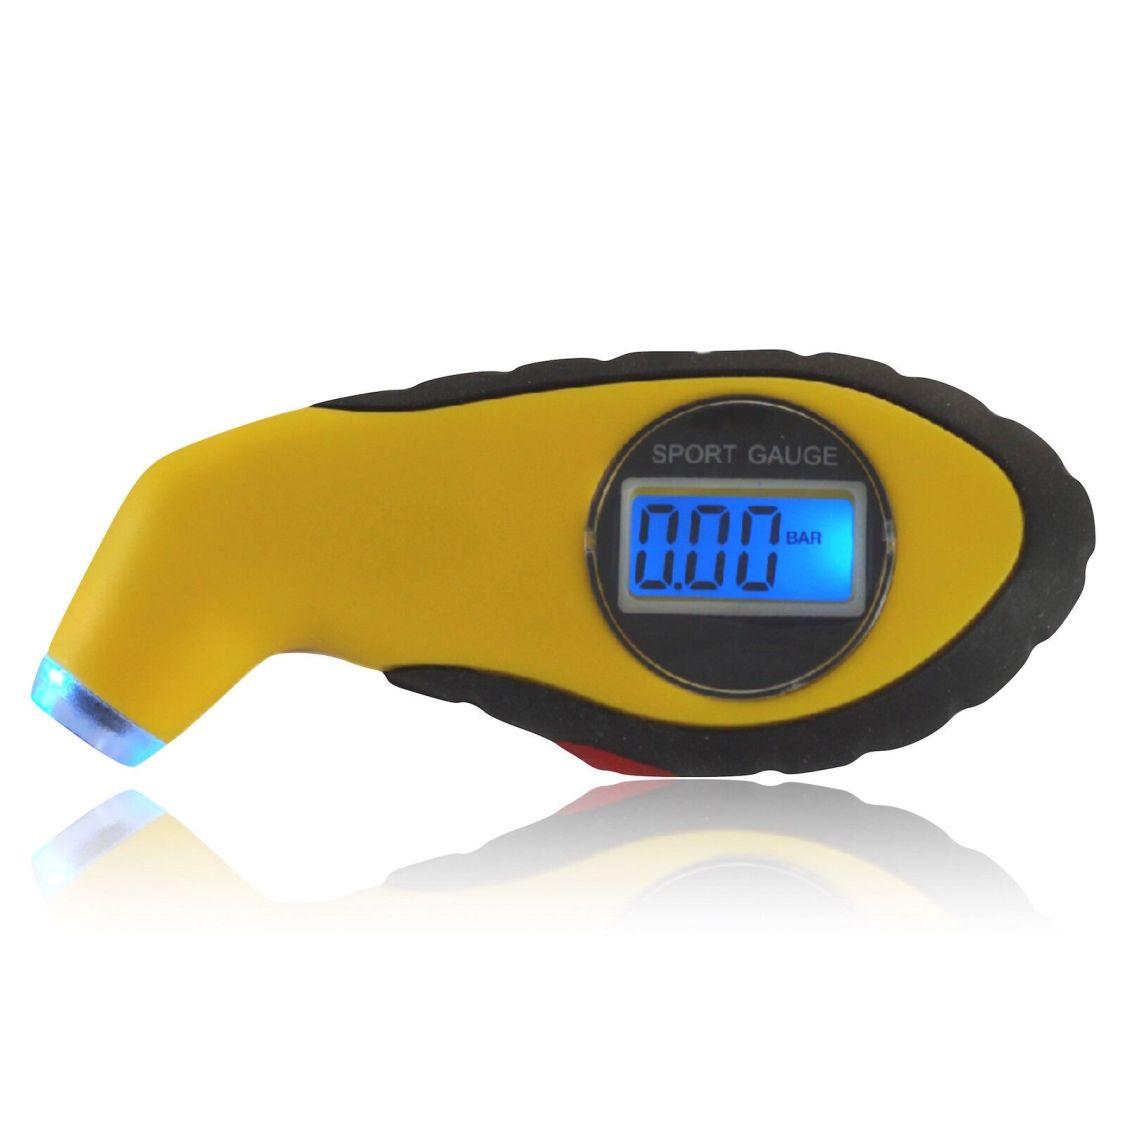 Digital Reifendruckmesser mit LCD für Auto Lkw Fahrrad Luftdruckprüfer Messgerät